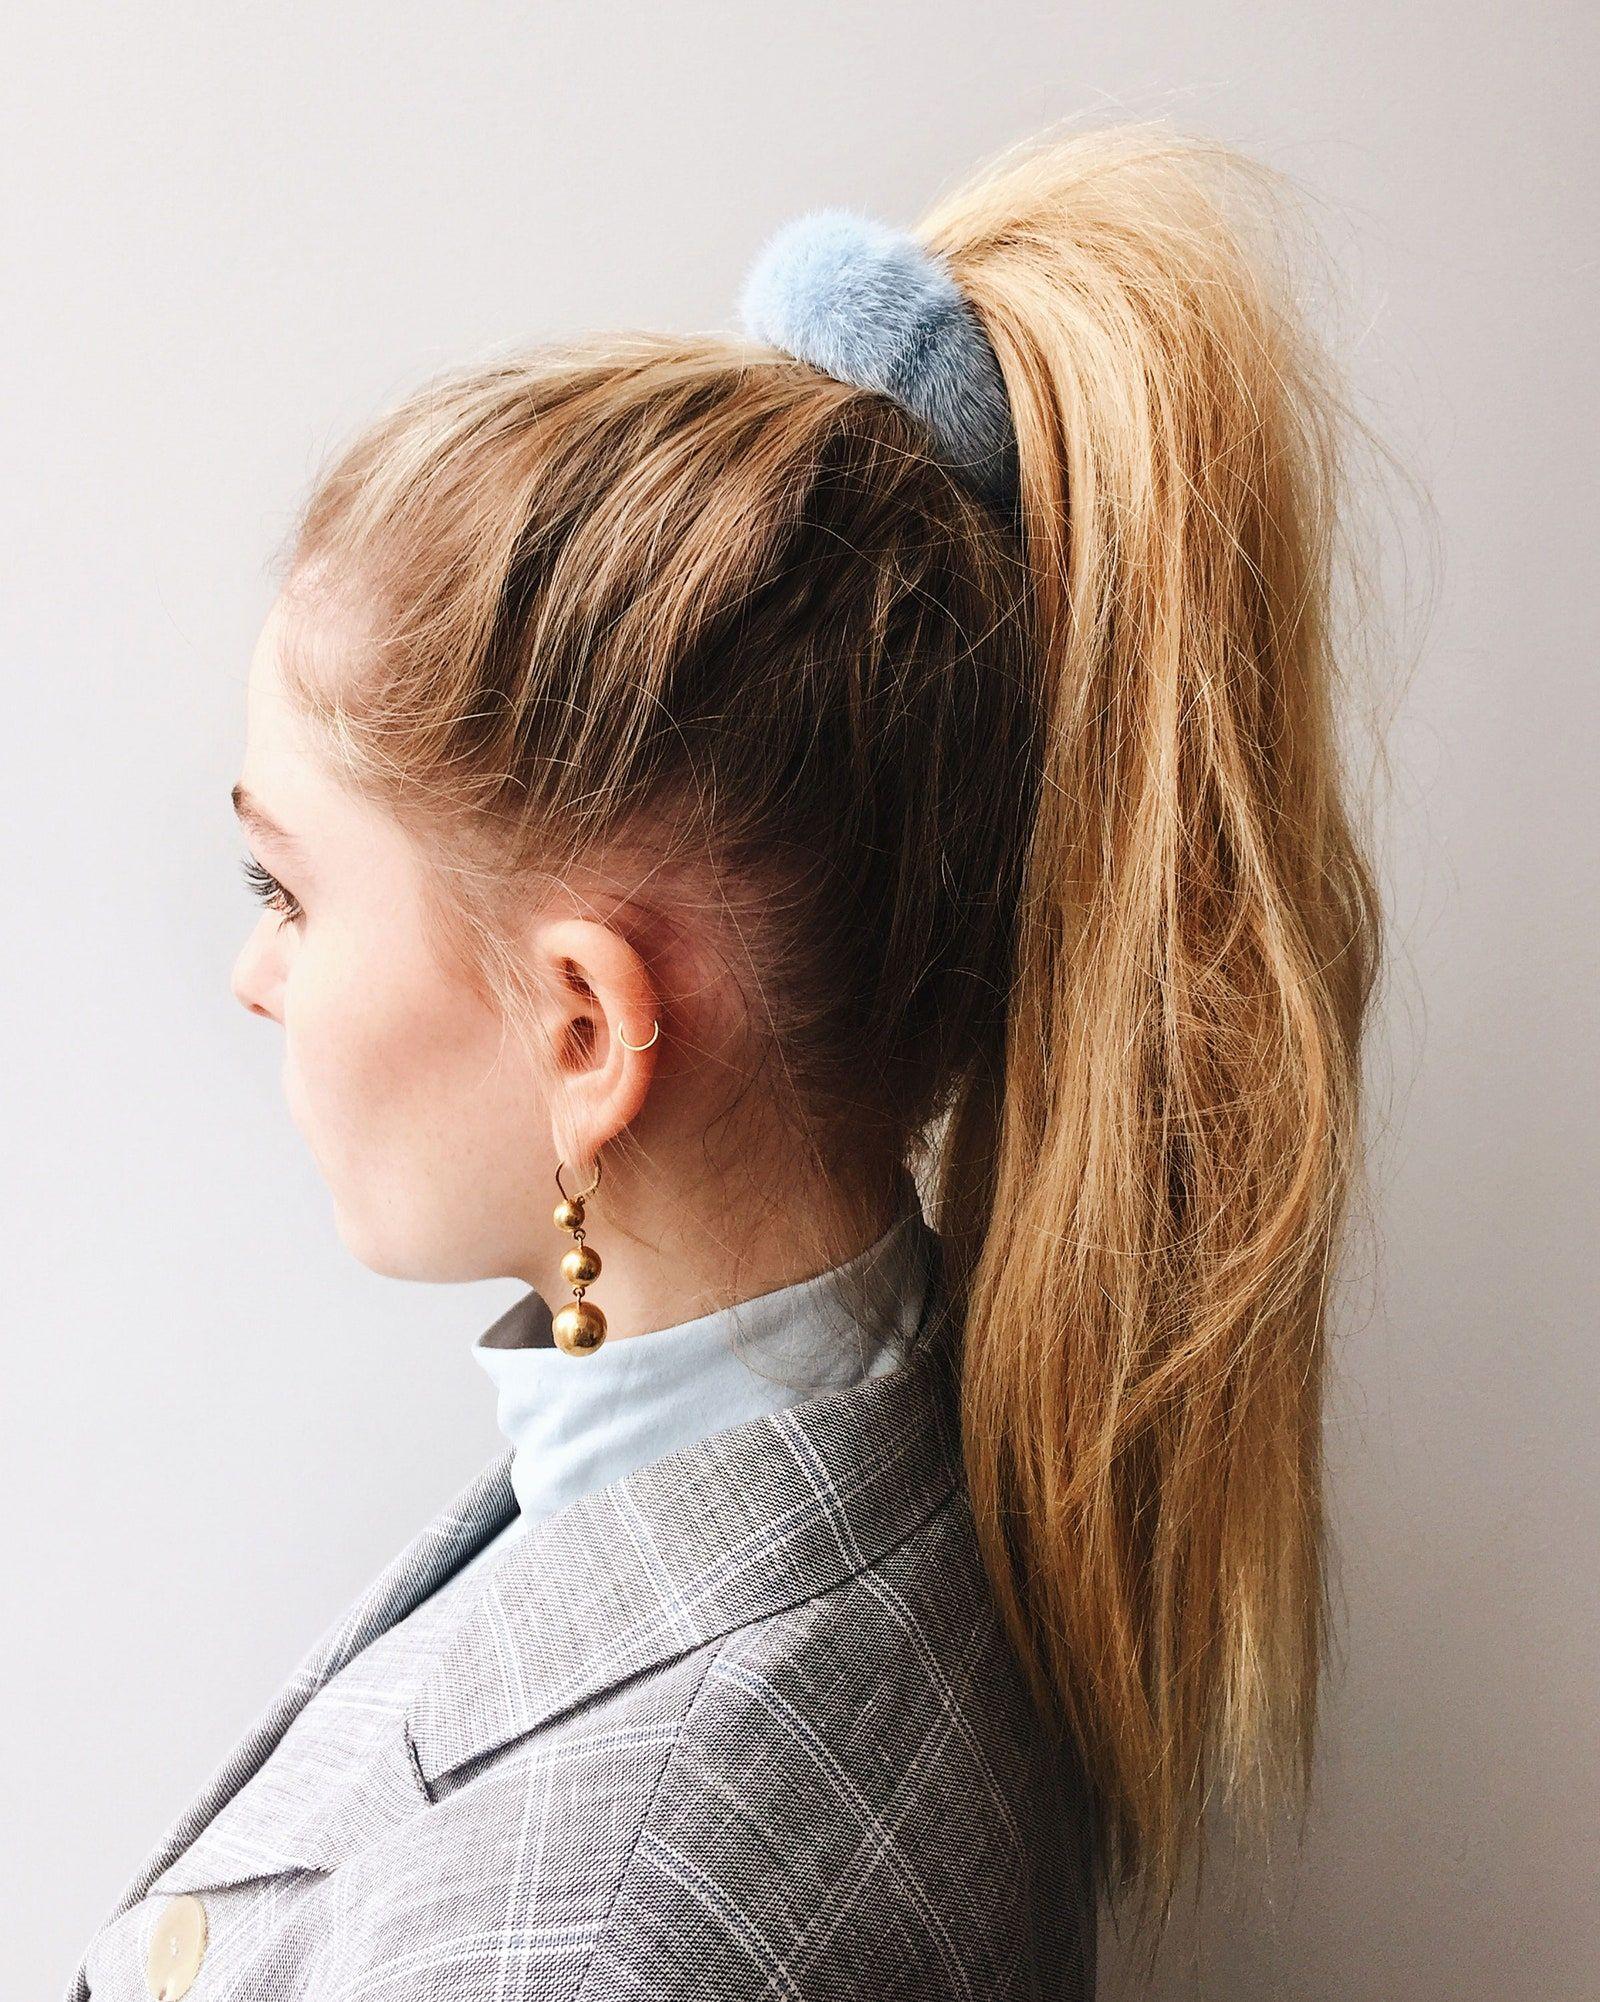 Tampil Cute, Simak Cara Pakai Scrunchie Ini!